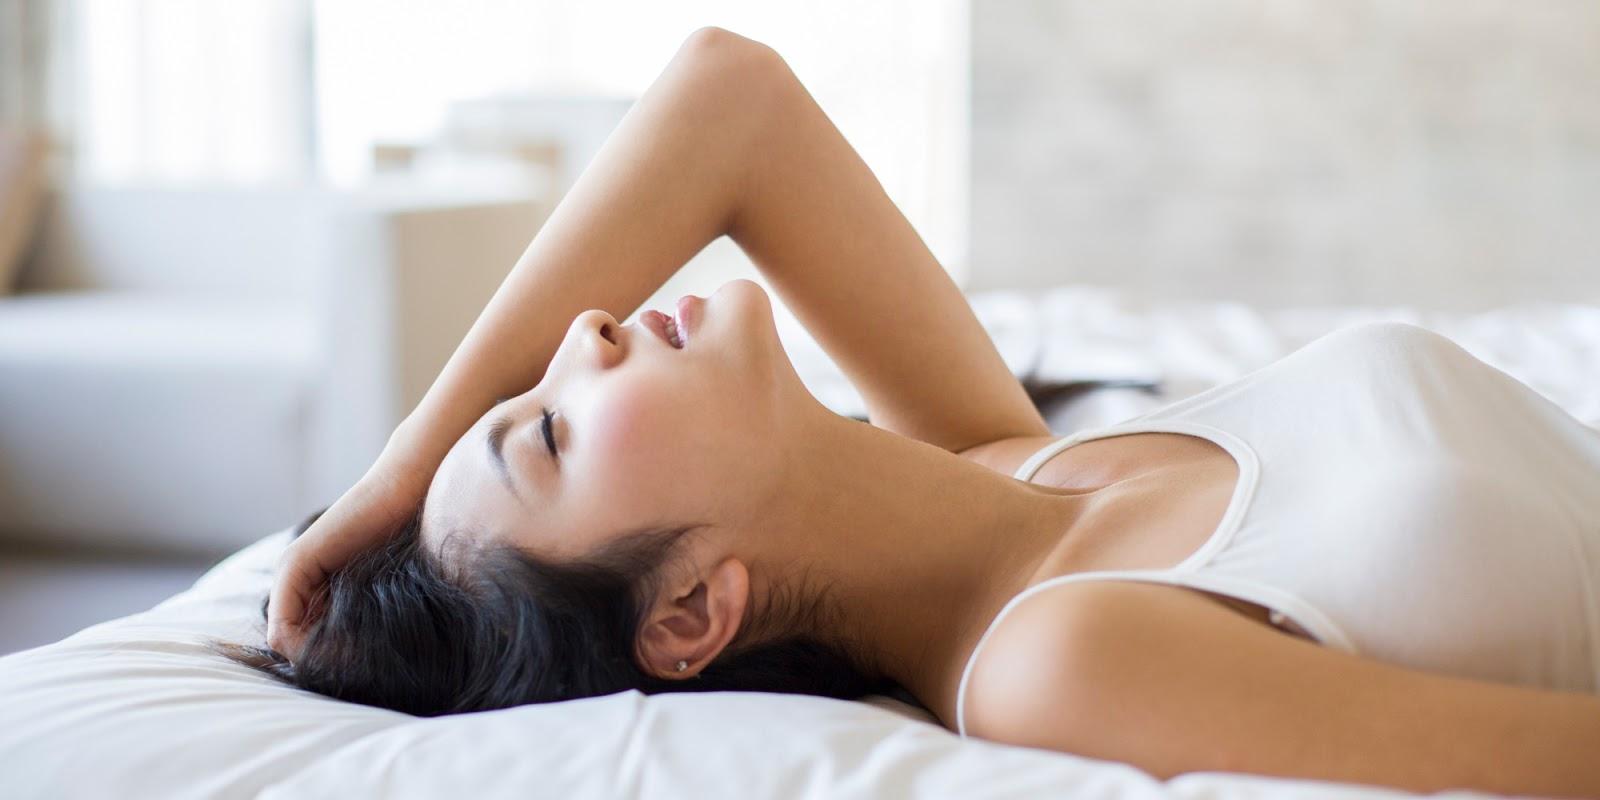 Принудительный оргазм женщин, Судорожный оргазм, оргазм до дрожи: Порно студентов 15 фотография